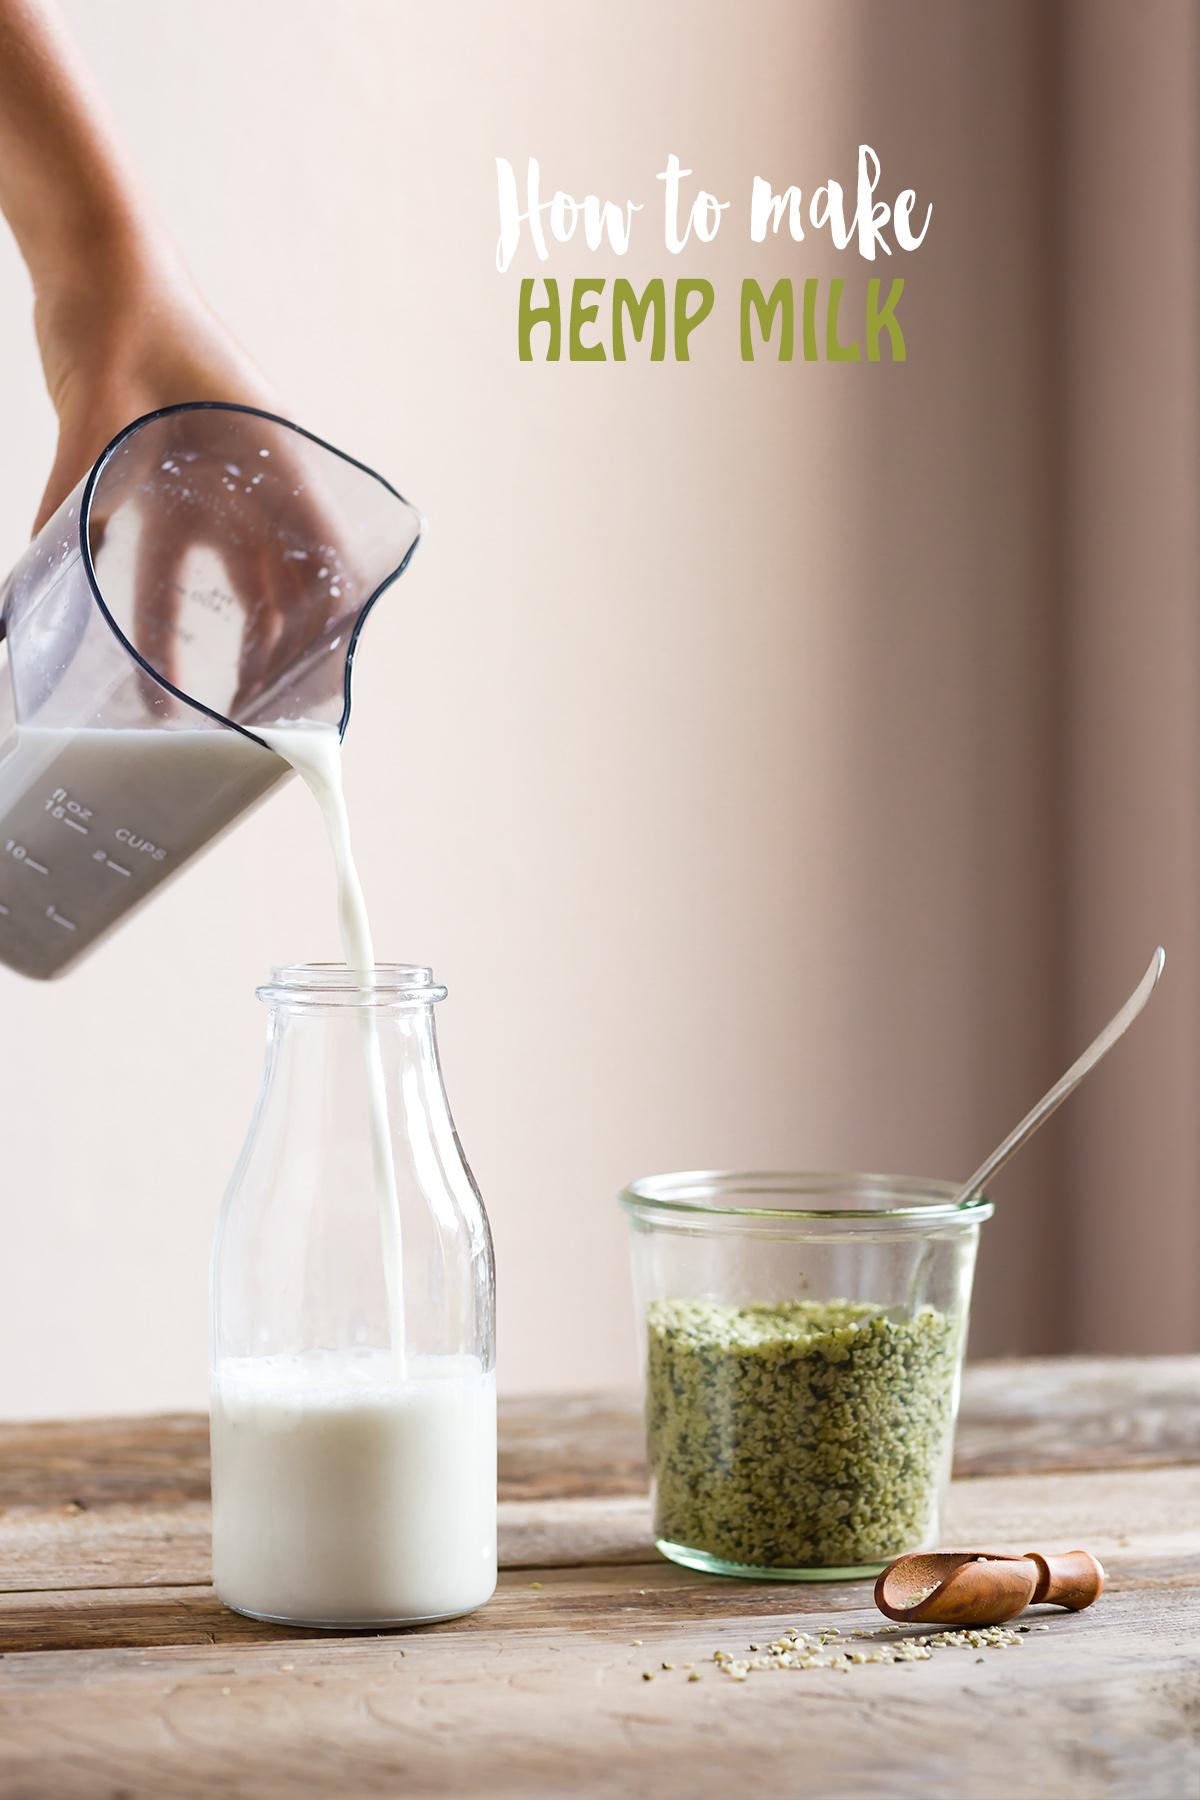 how to make vegan glutenfree HEMP MILK recipe dairyfree come fare il LATTE DI CANAPA fatto in casa ricetta 2 ingredienti cremoso leggero ricco di proteine senza lattosio senza glutine